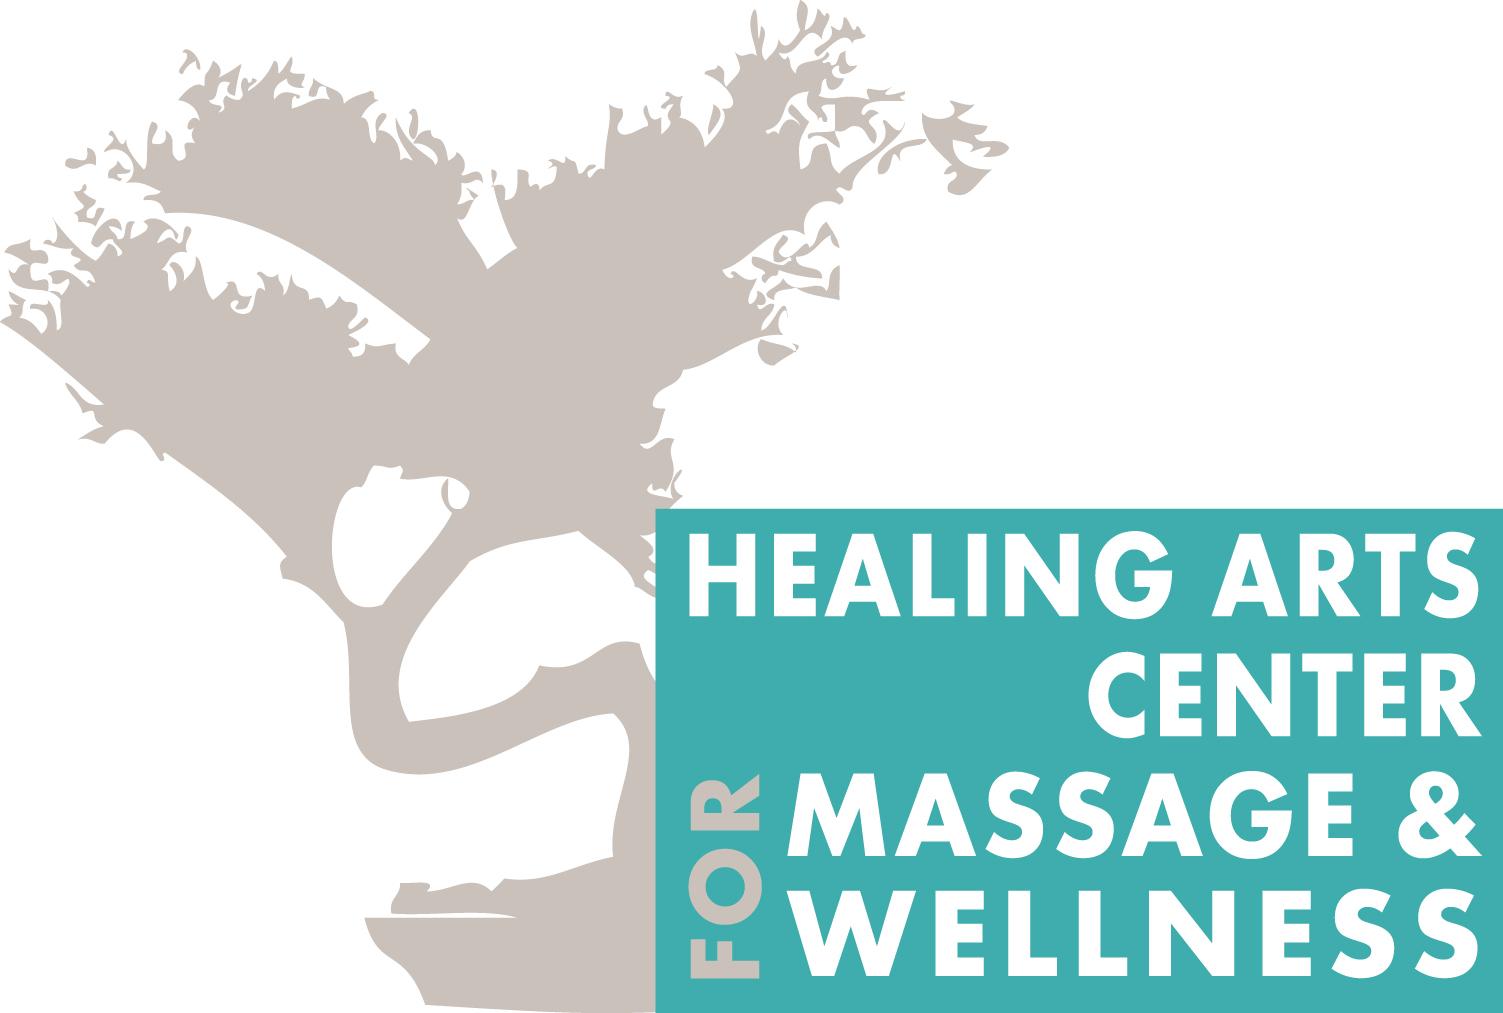 Healing Arts Center for Massage and Wellness